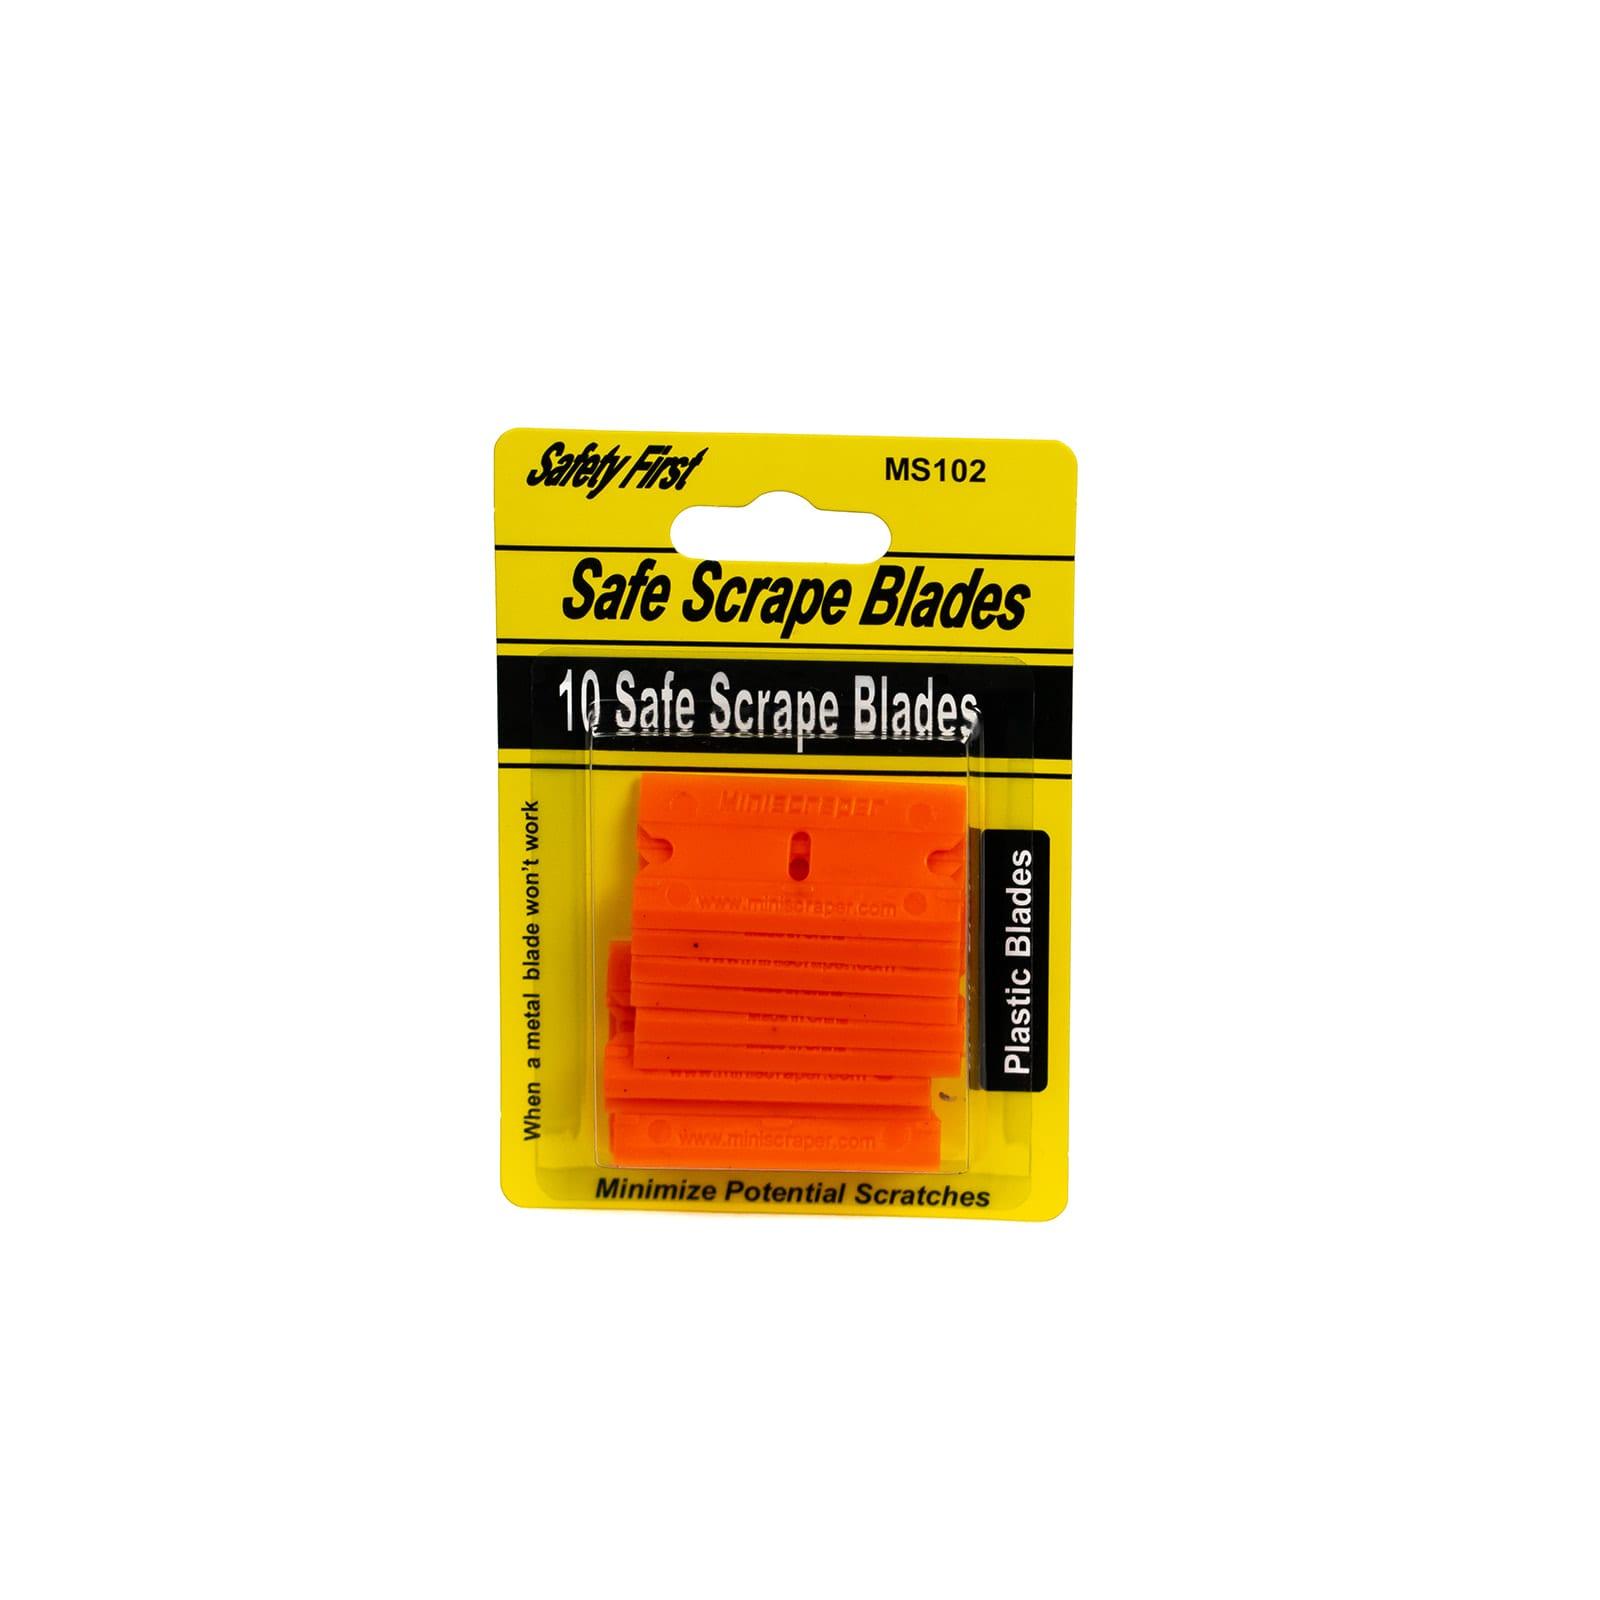 Mini-Scraper Original Safe Scrape Blades